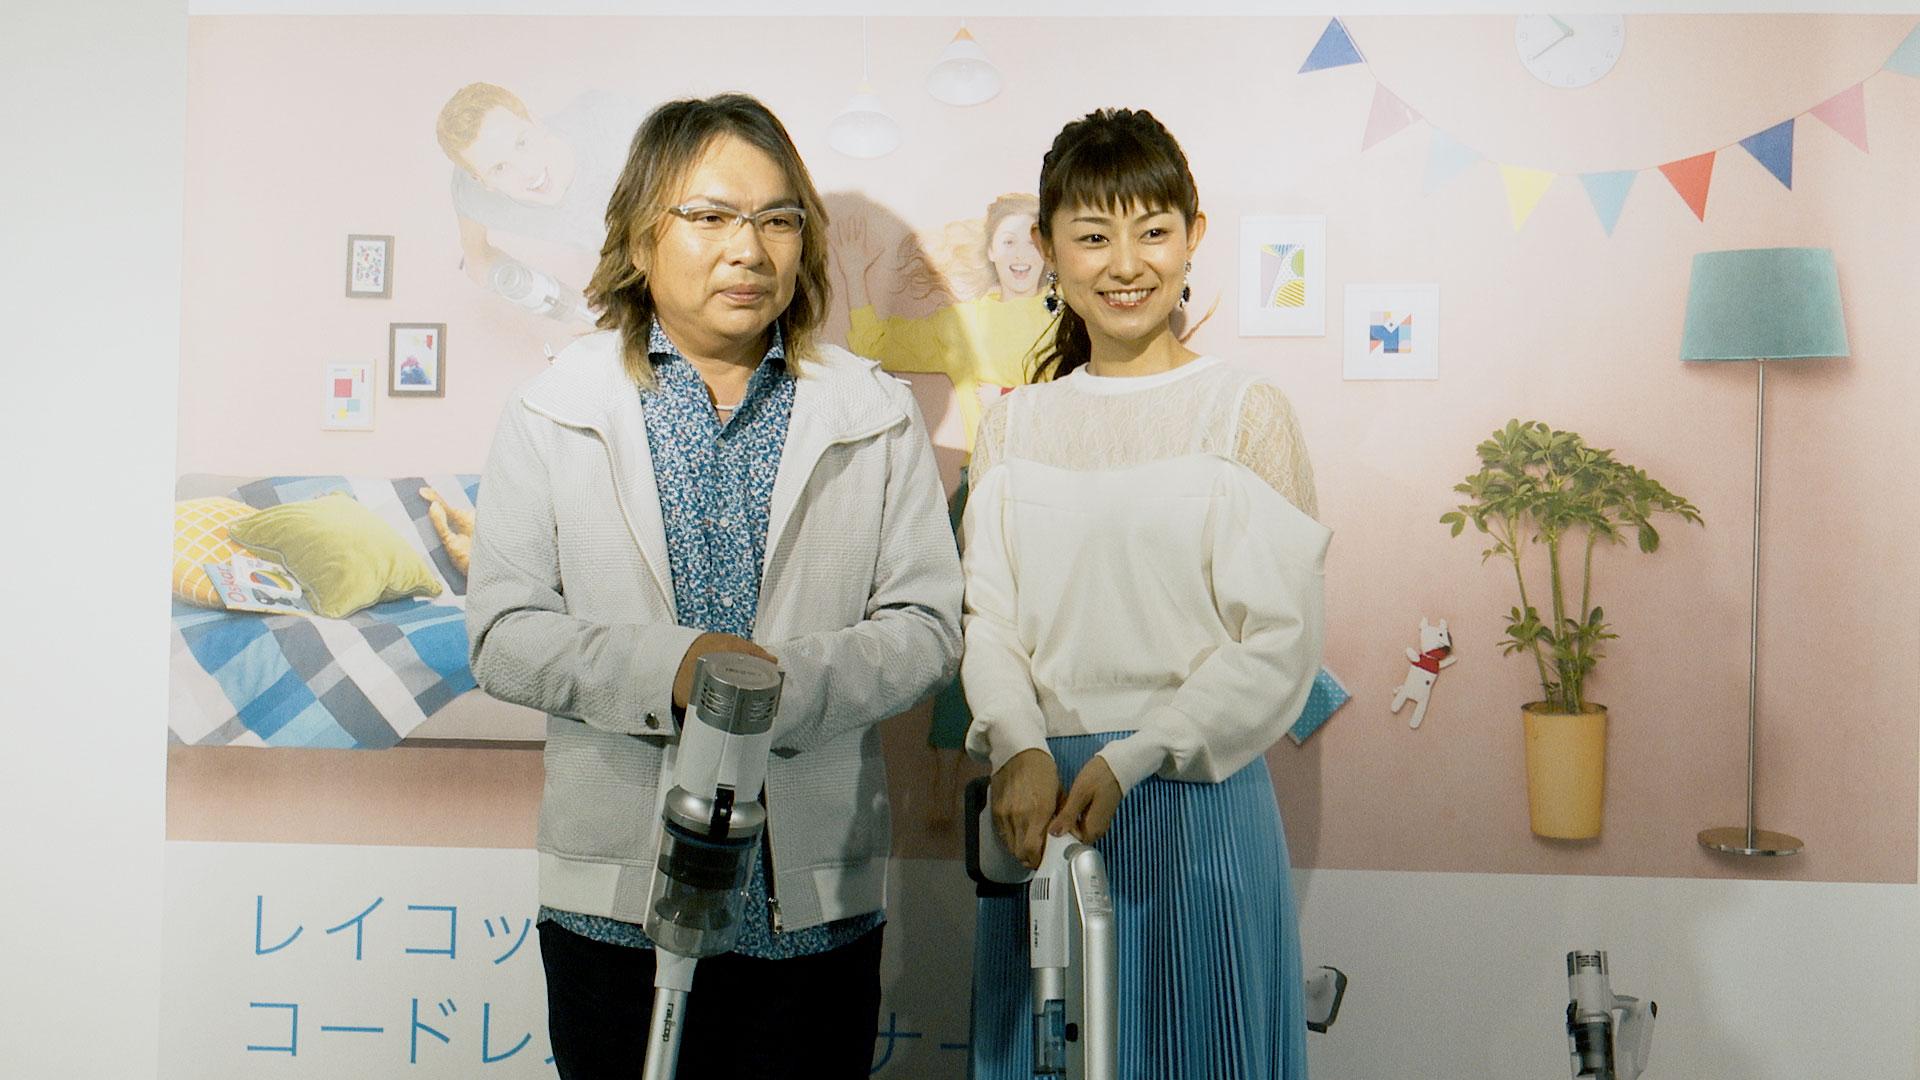 石黒彩&真矢夫妻が結婚20年目で初共演!『レイコップ』新製品発表イベント